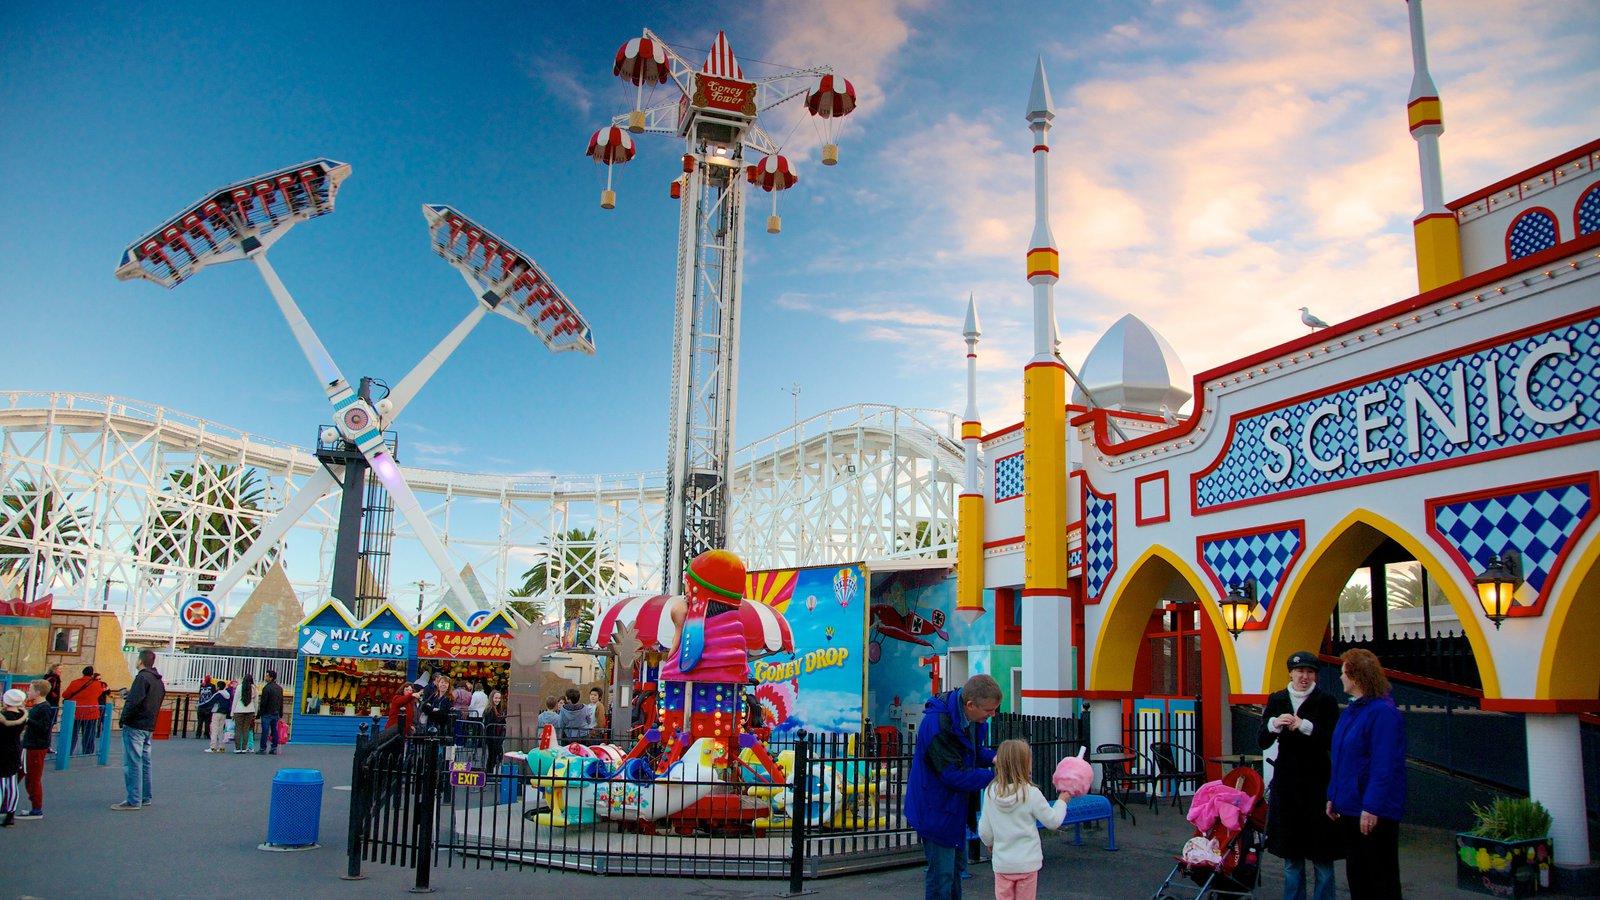 Luna park pictures melbourne